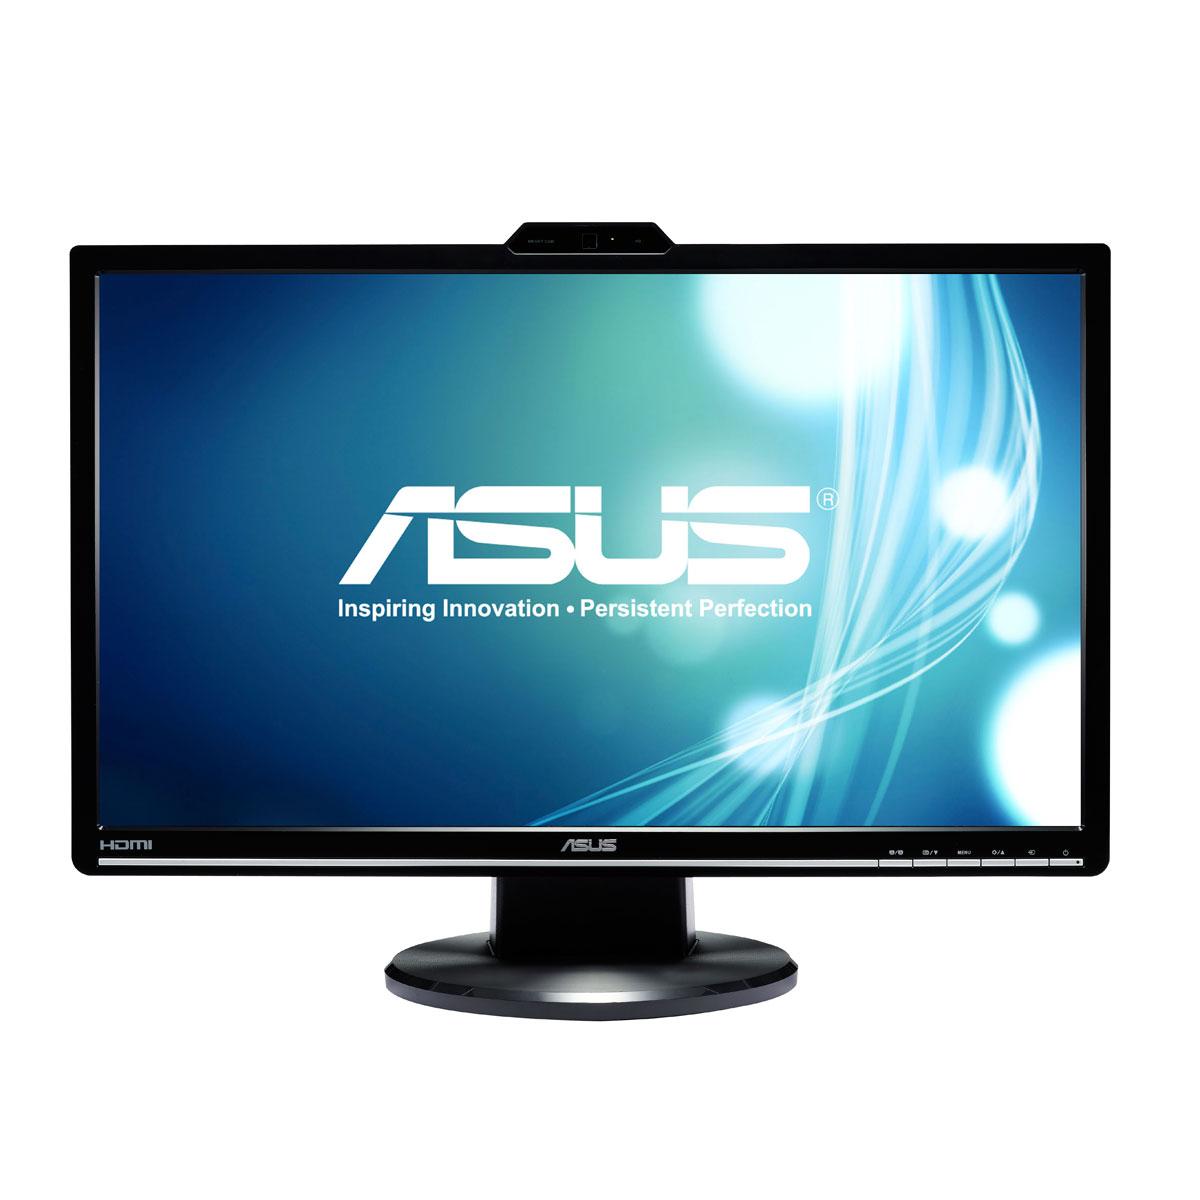 """Ecran PC ASUS 24"""" LED - VK248H 1920 x 1080 pixels - 2 ms -  Format large 16/9 - Webcam 1 Megapixel - HDMI (garantie constructeur 3 ans)"""